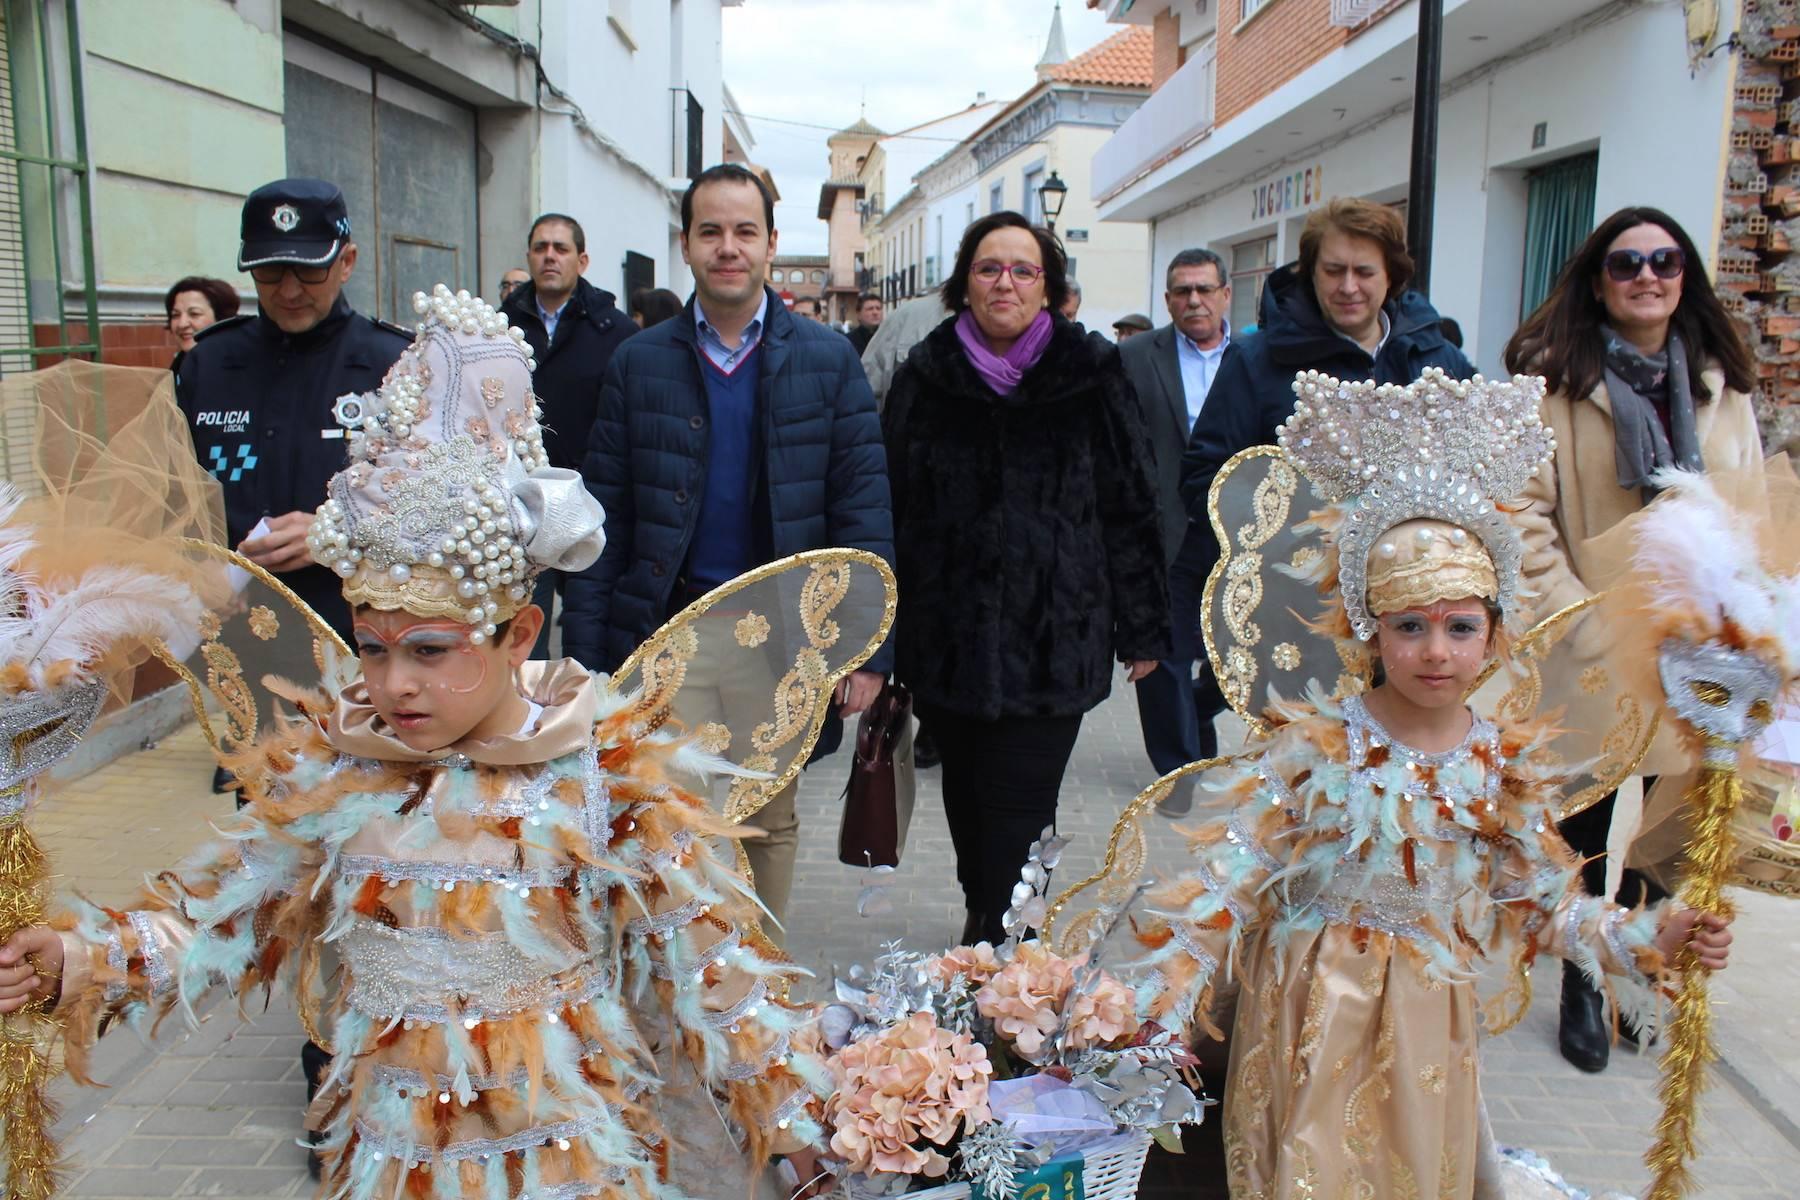 Carmen Olmedo en carnaval de Herencia 1 - Informe favorable previo para la declaración de Interés Turístico Nacional del Carnaval de Herencia